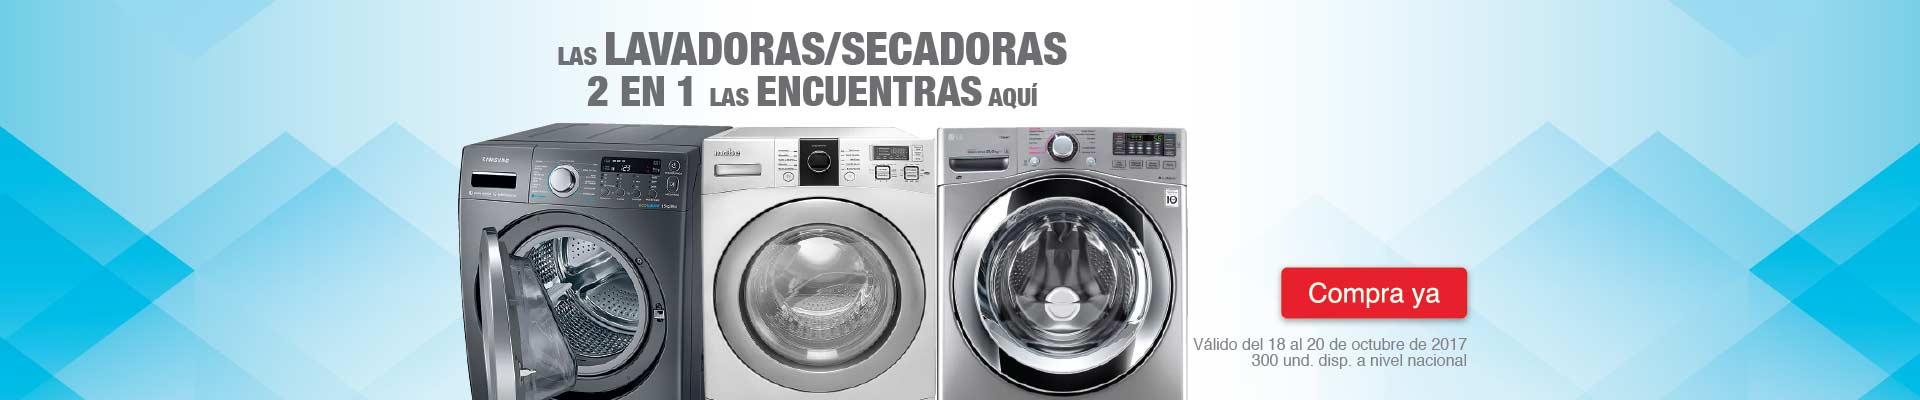 PPAL-KT-7-LB-LavadorasSecadora2en1-cat-oct18-20